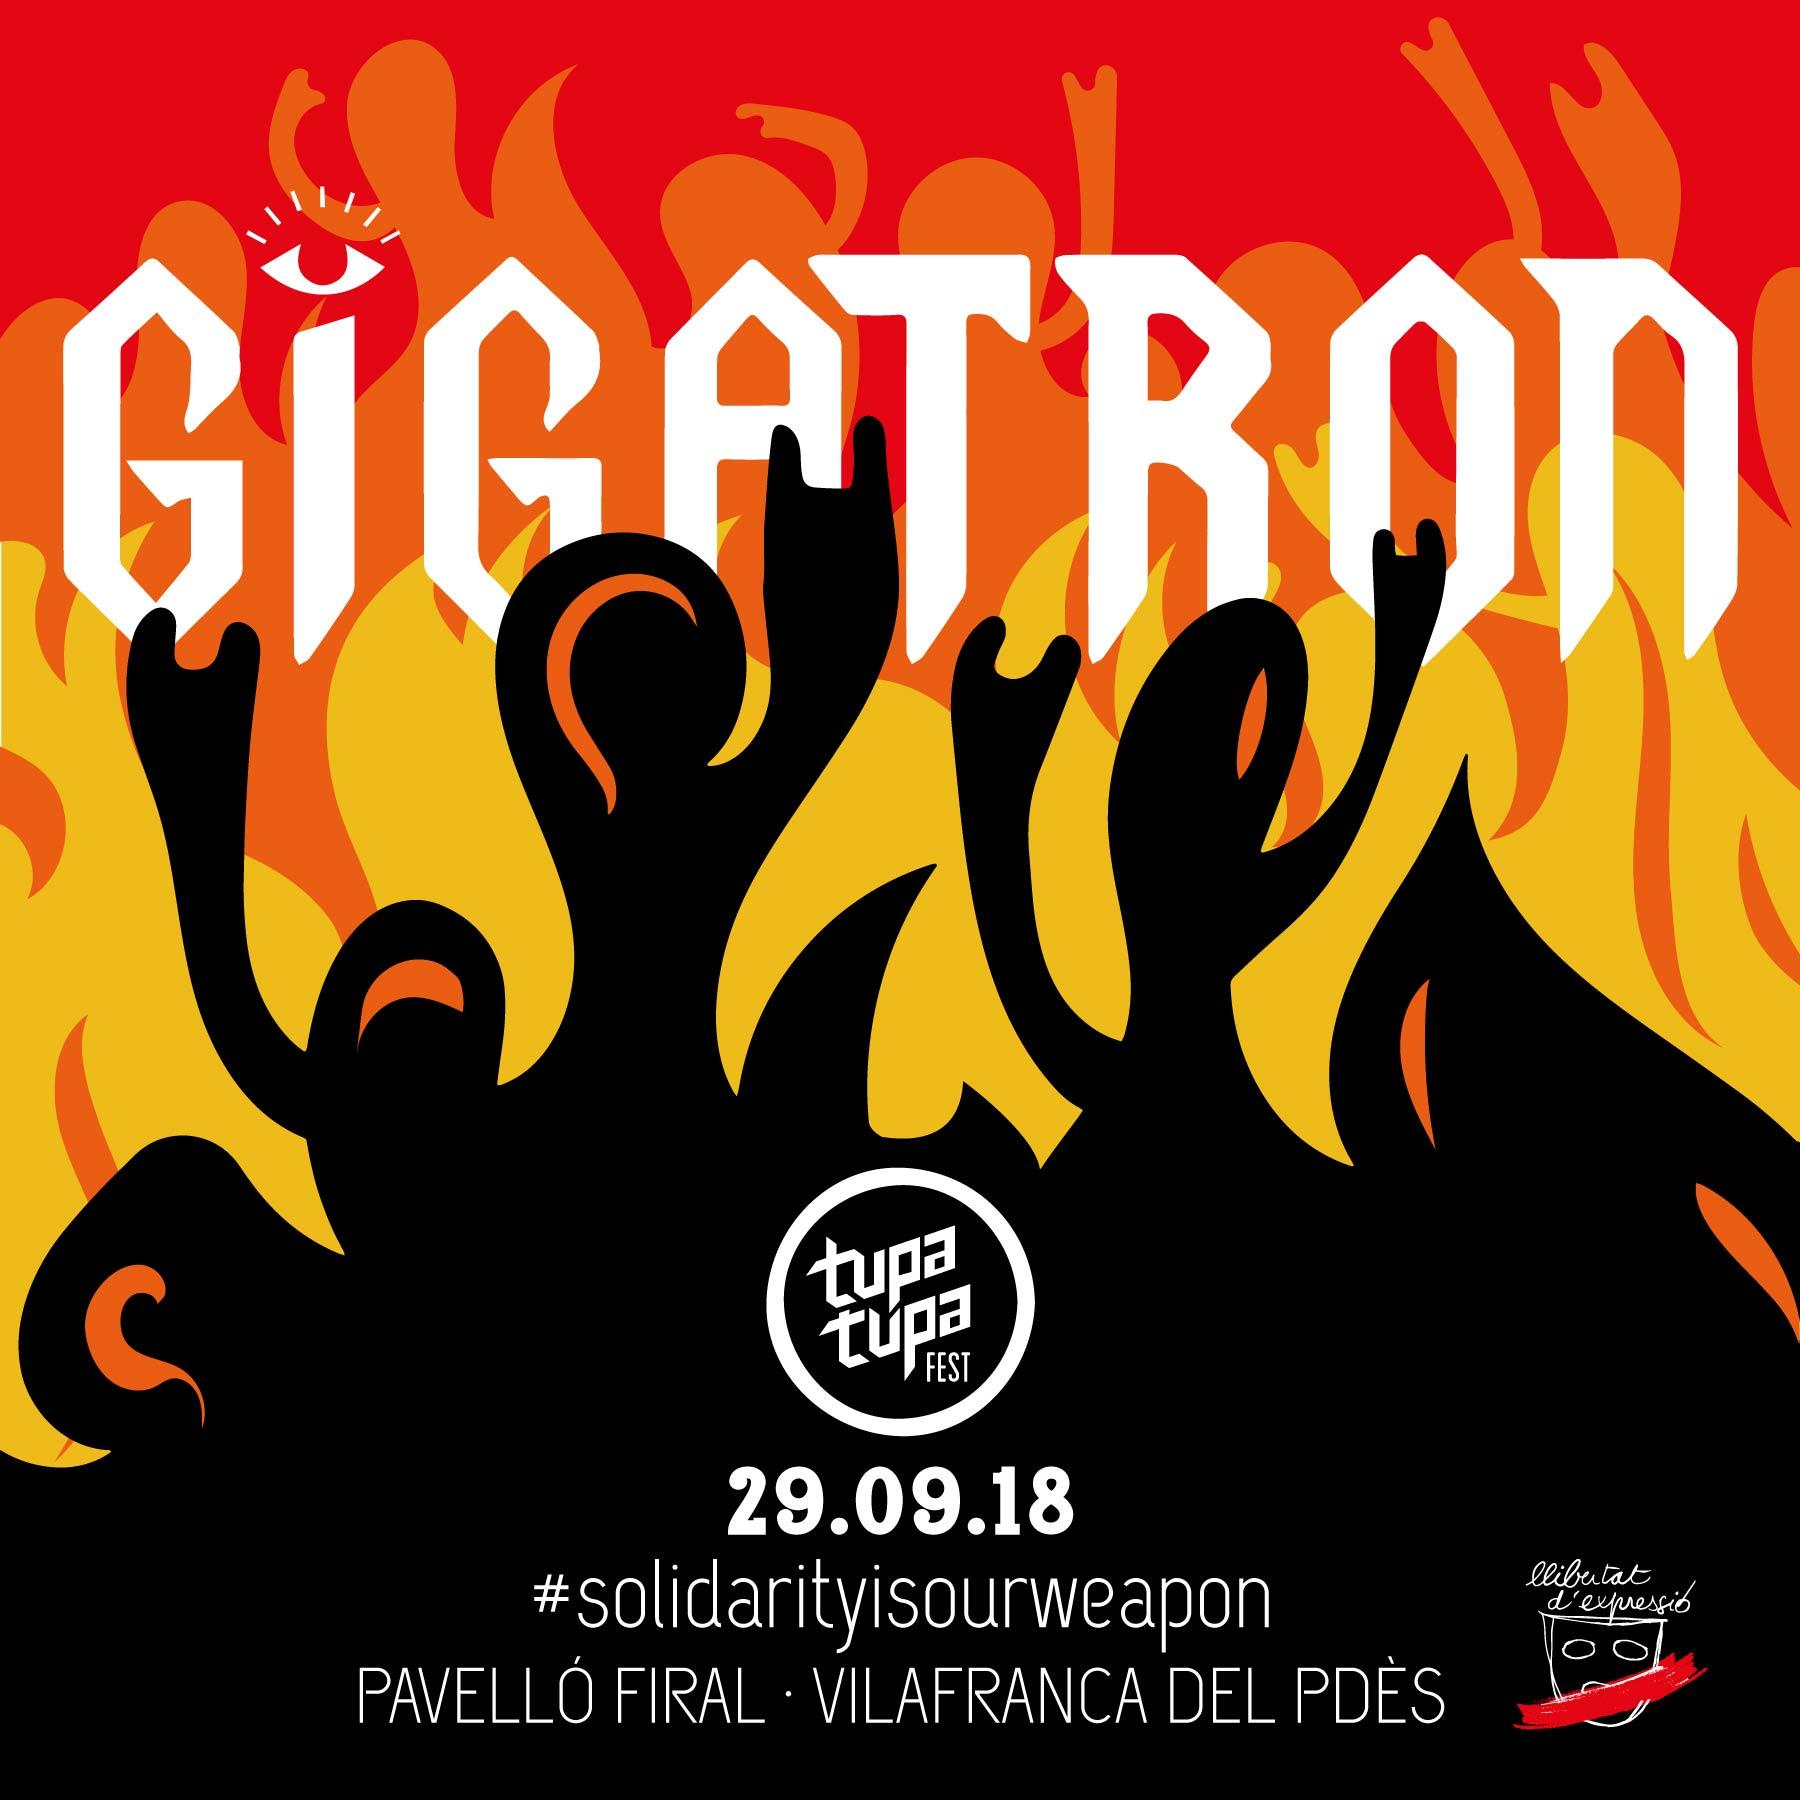 Disseny-Tupa-Tupa-Fest-Gigatron-Angels-Pinyol-Produccions-Vilafranca-del-Penedes-Concurs-Bandes